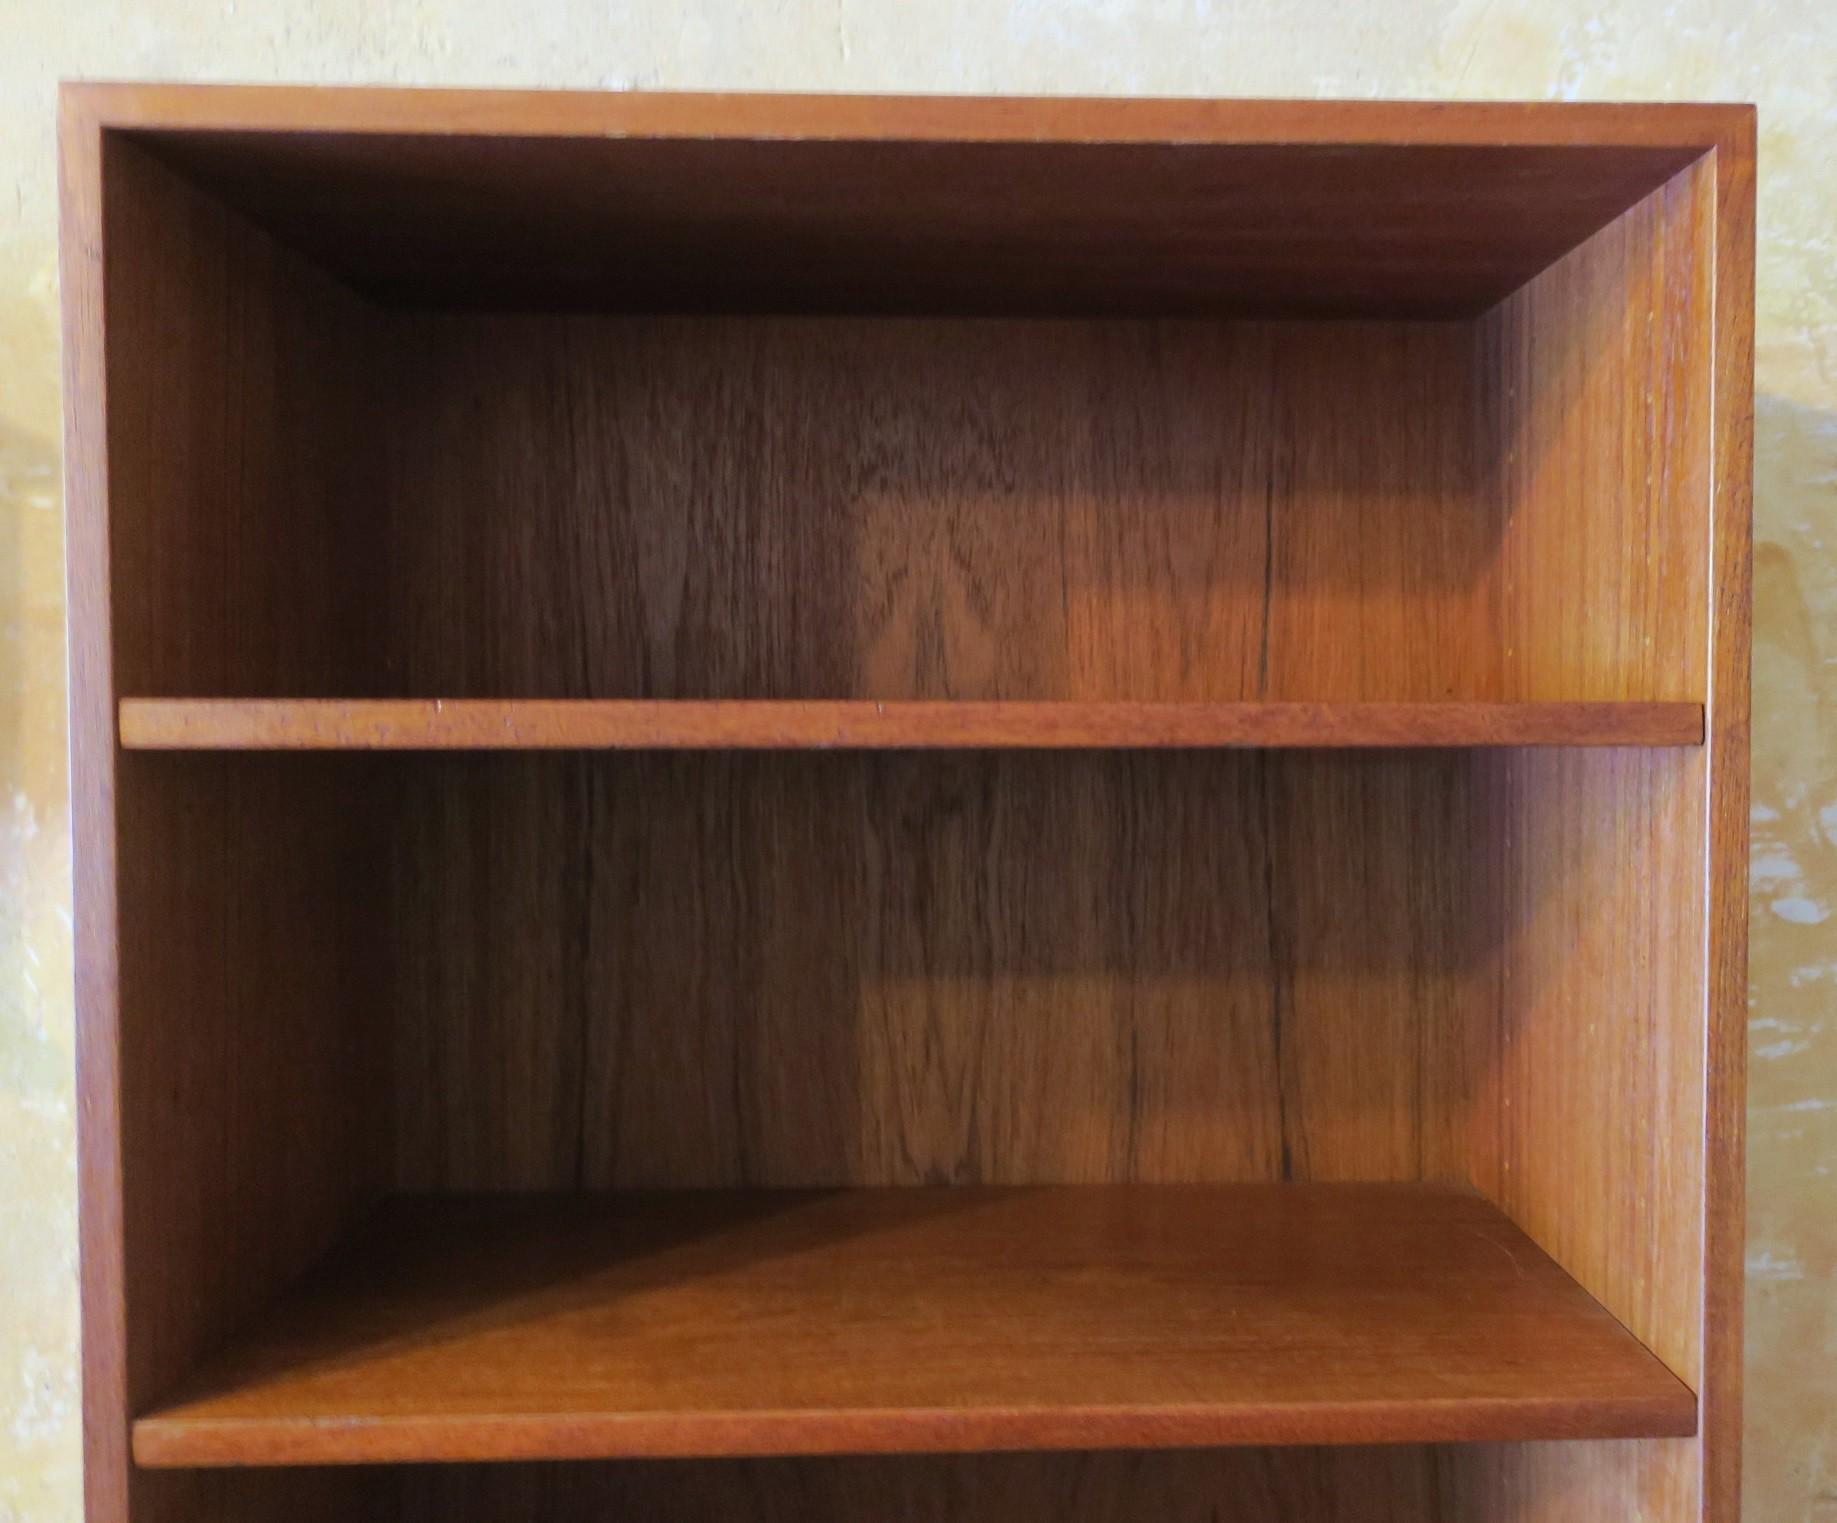 Vintage Bramin Danish Teak Bookshelf With Steel Feet